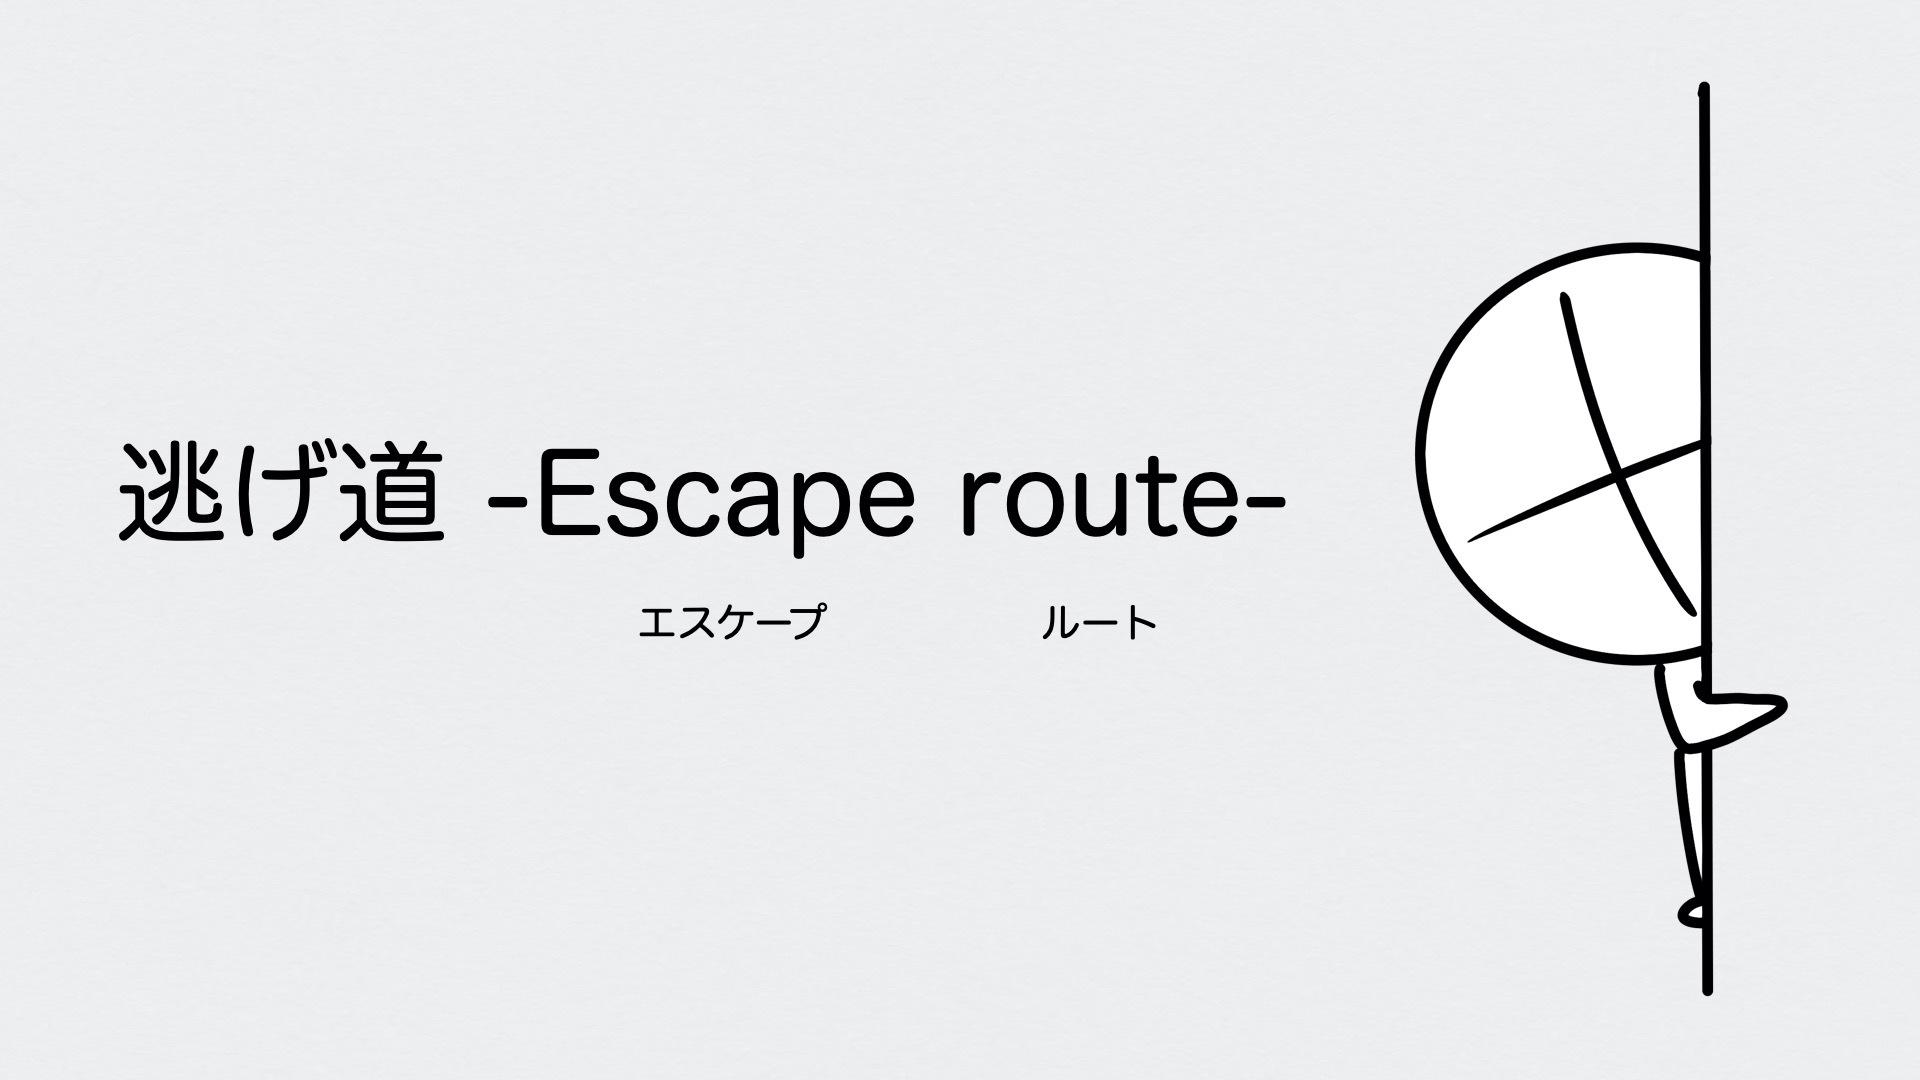 逃げ道 -Escape route-